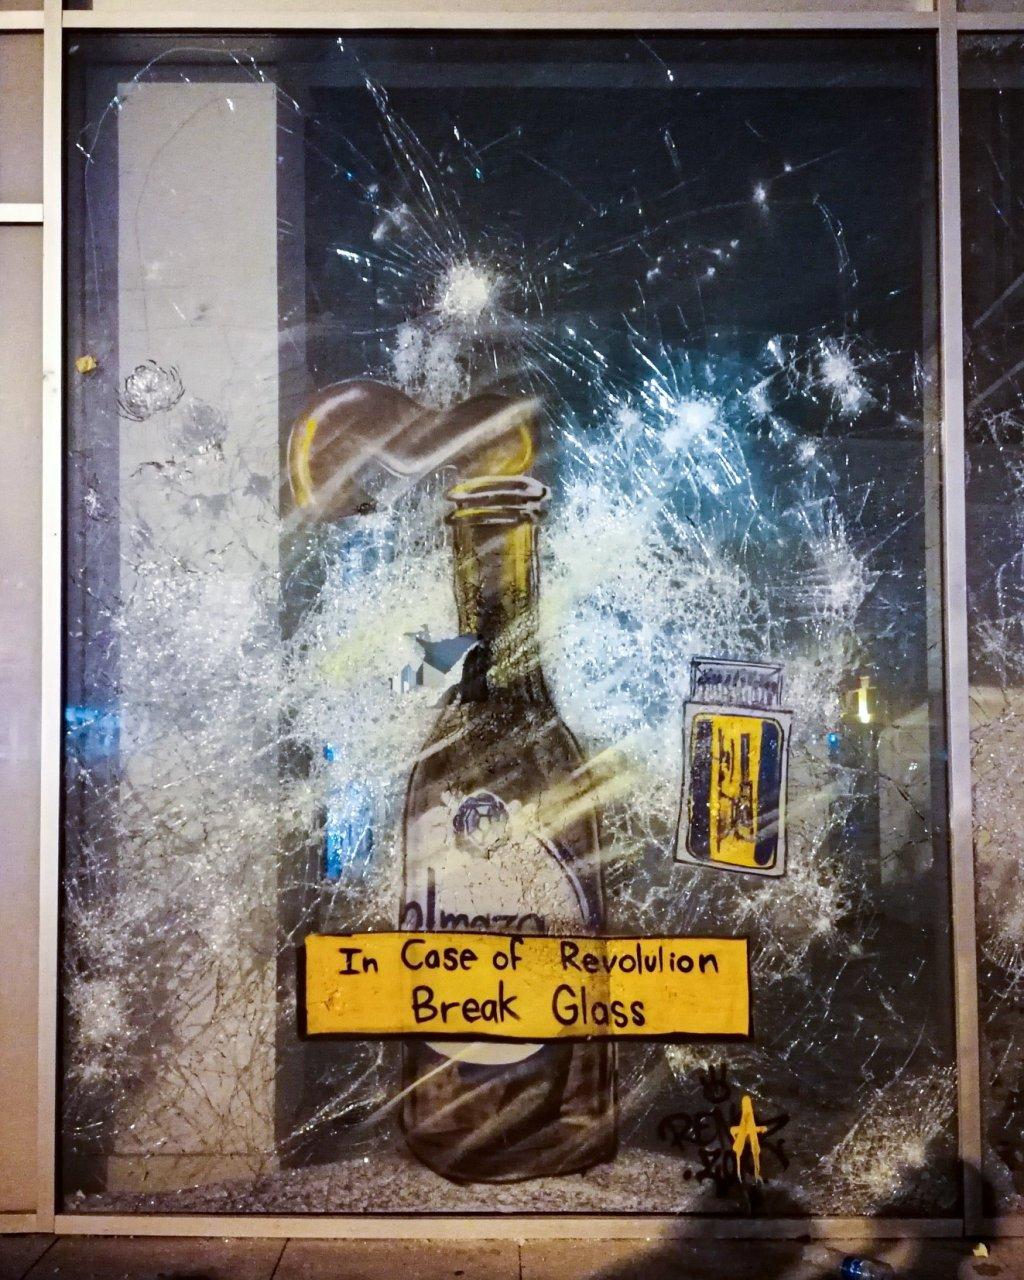 libano_rompere il vetro